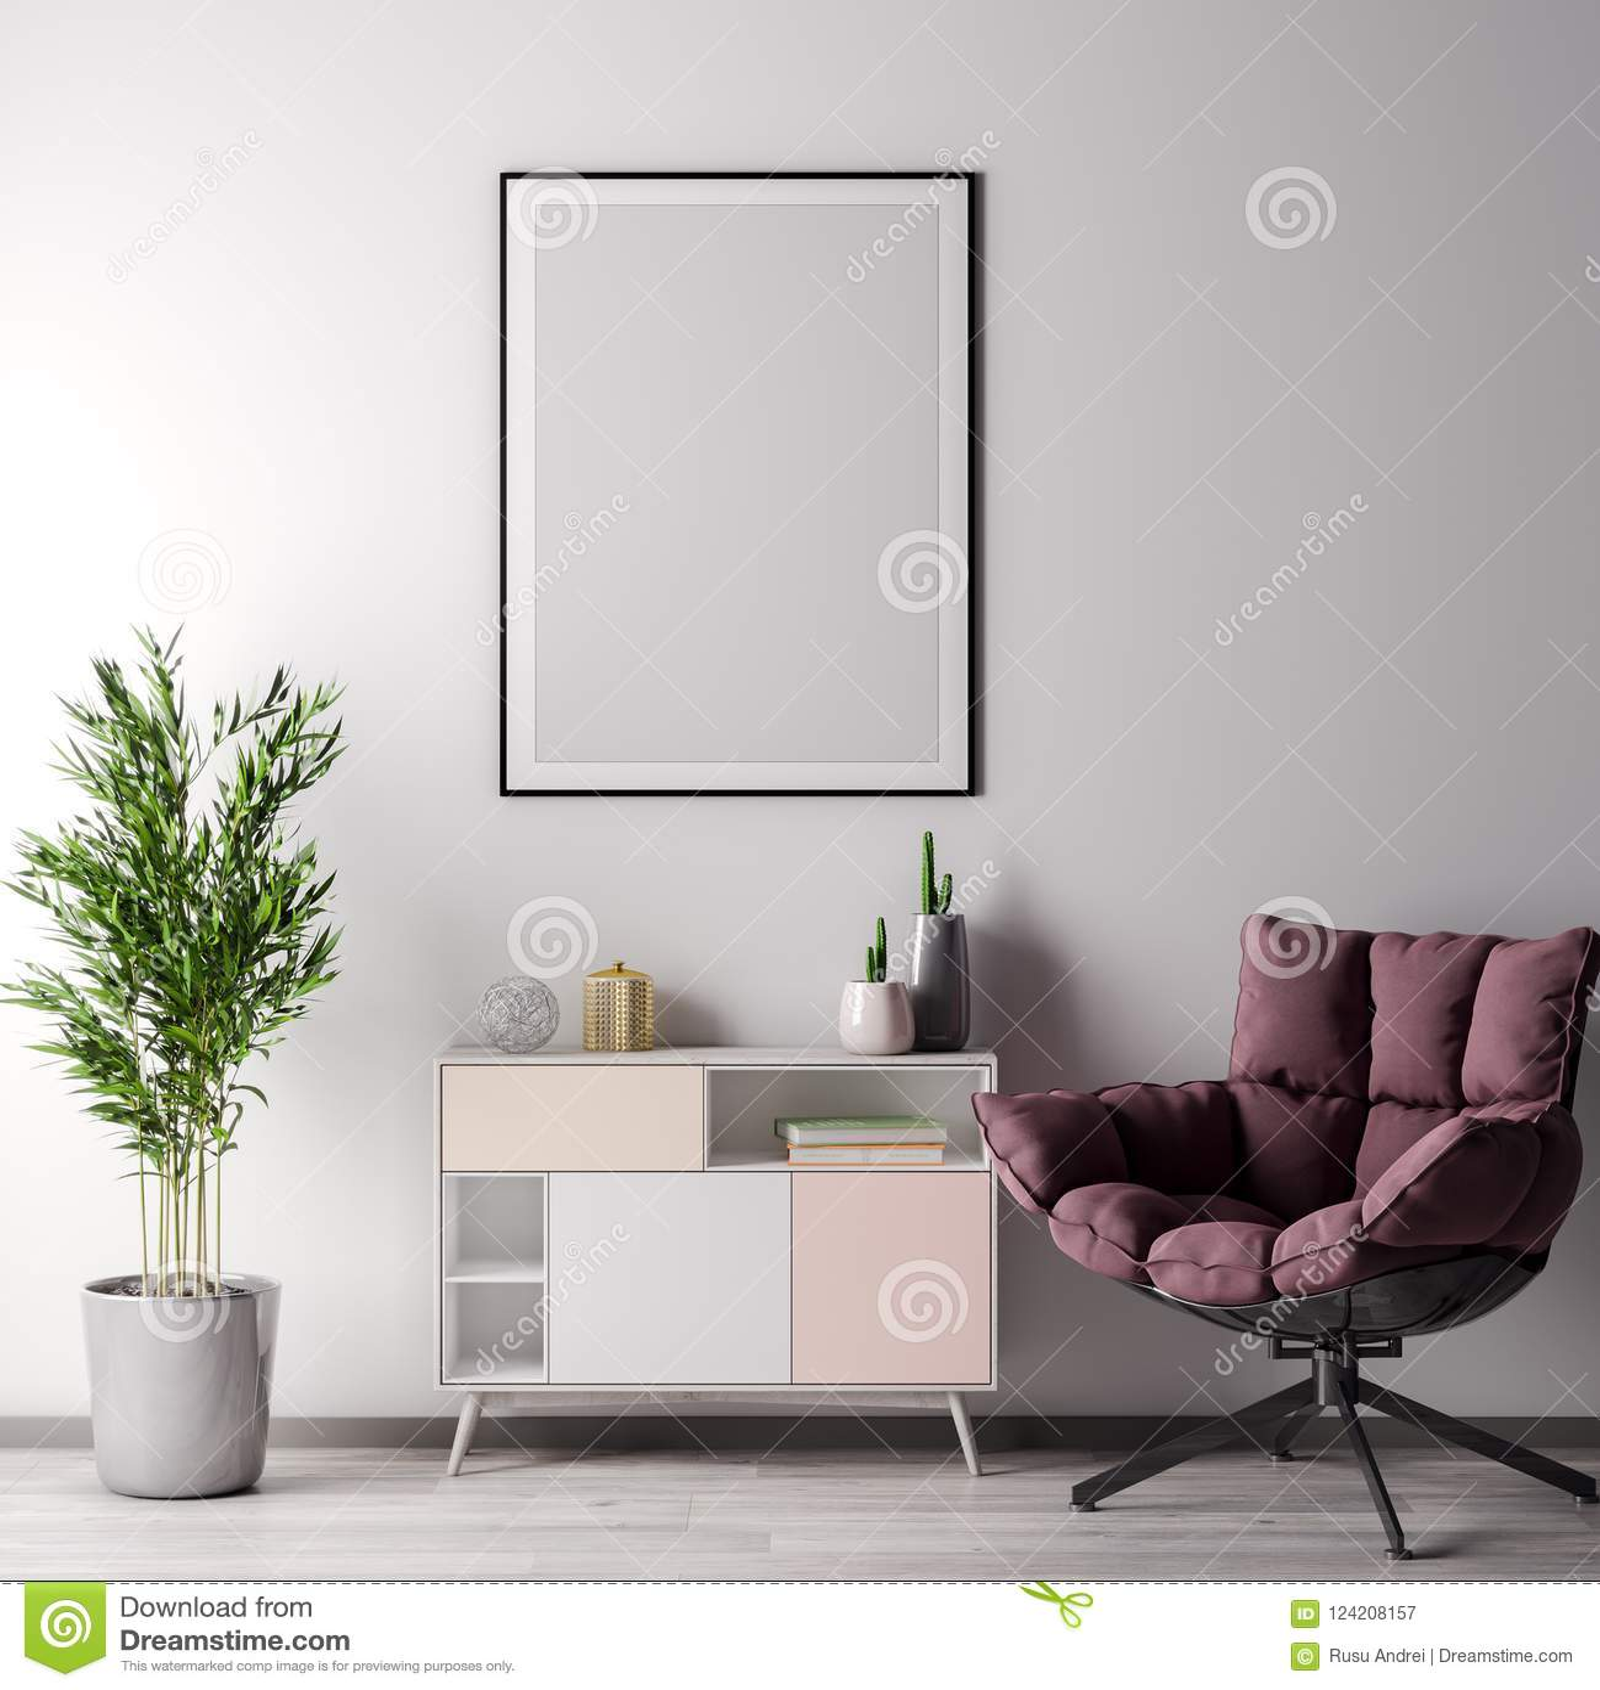 Verspotten Sie herauf Plakatrahmen im Innenraum mit weißer wal, moderner Art, Illustration 3D